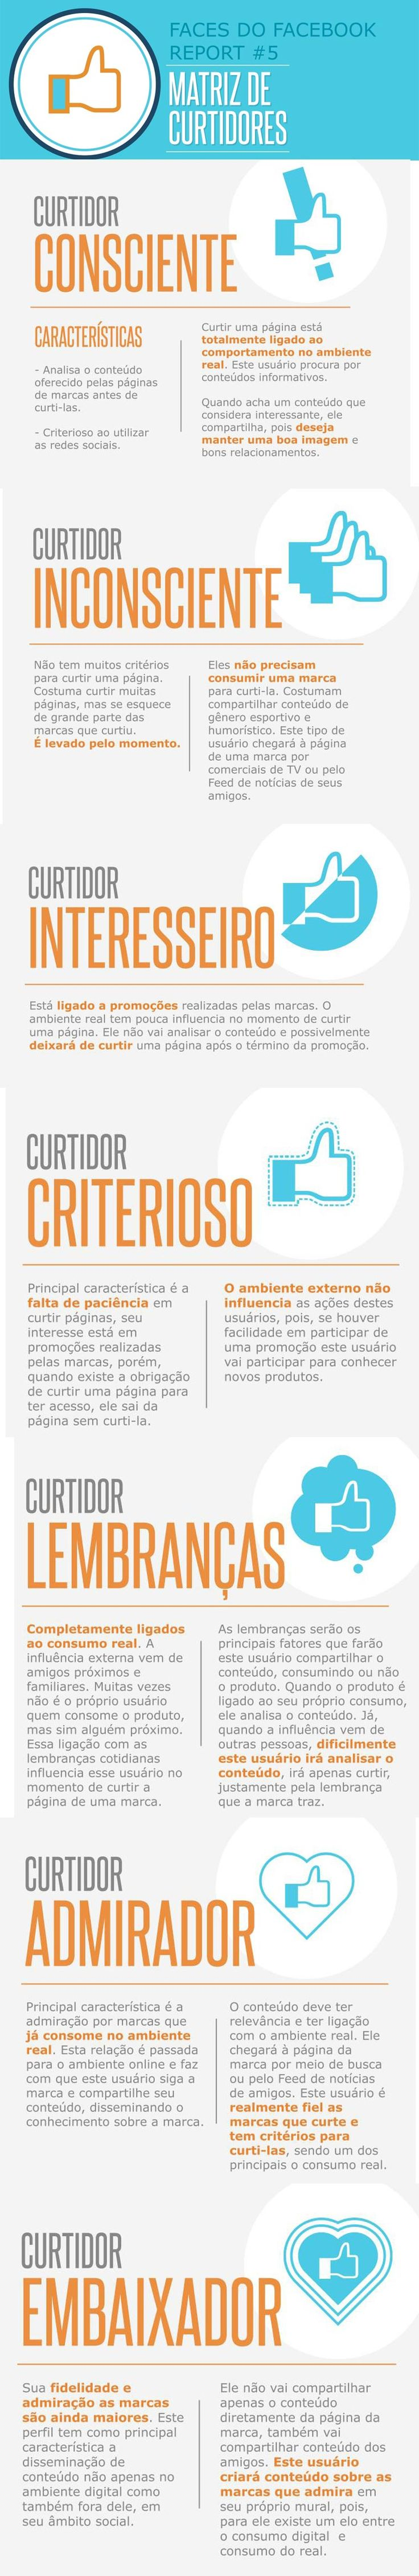 """Tipos de """"curtidores"""" do Facebook #Infográfico"""